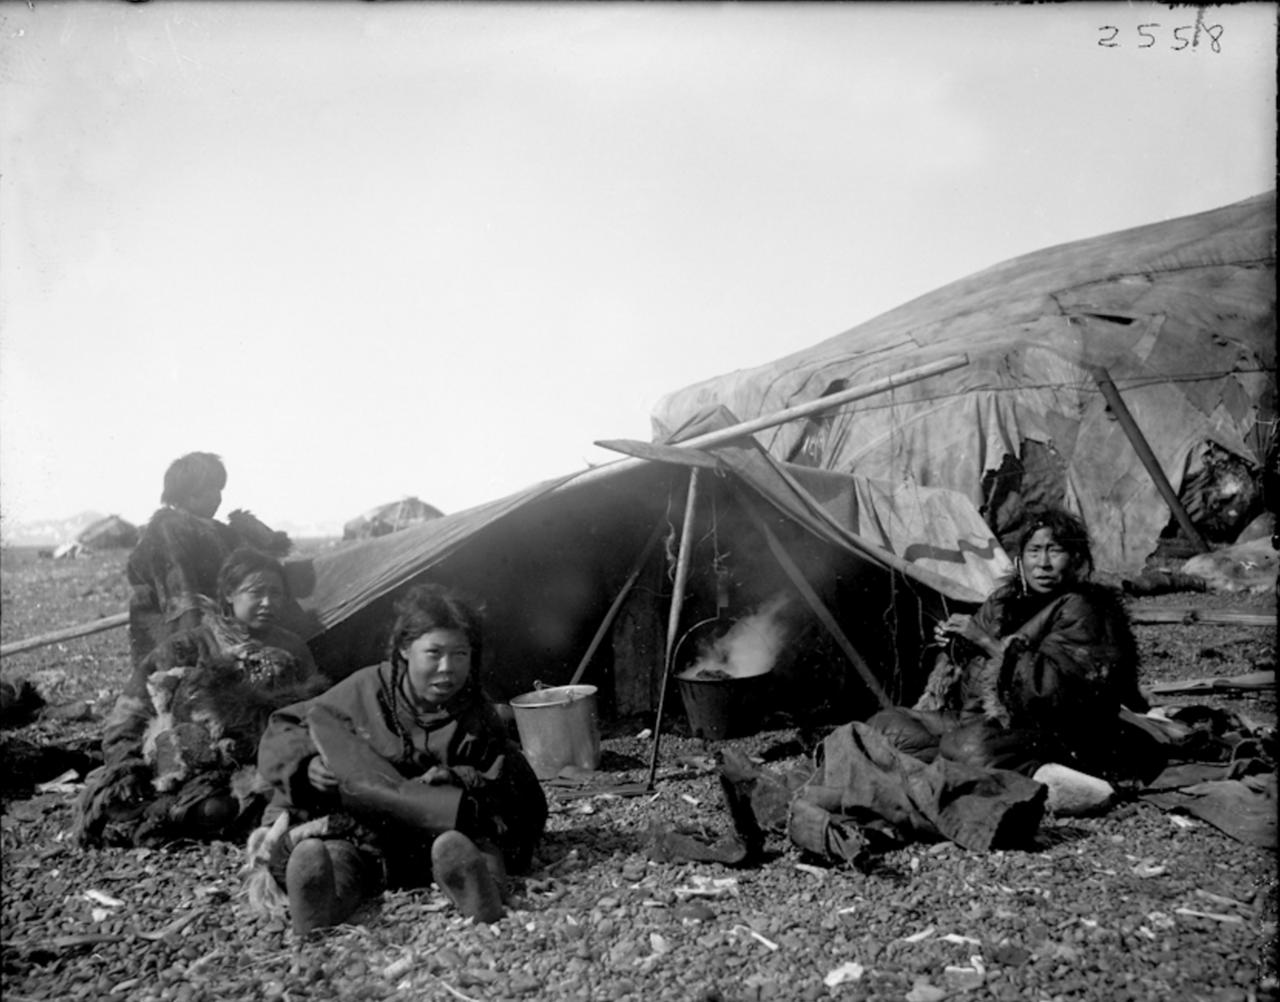 Эскимосы возле яранги, Сибирь, 1901